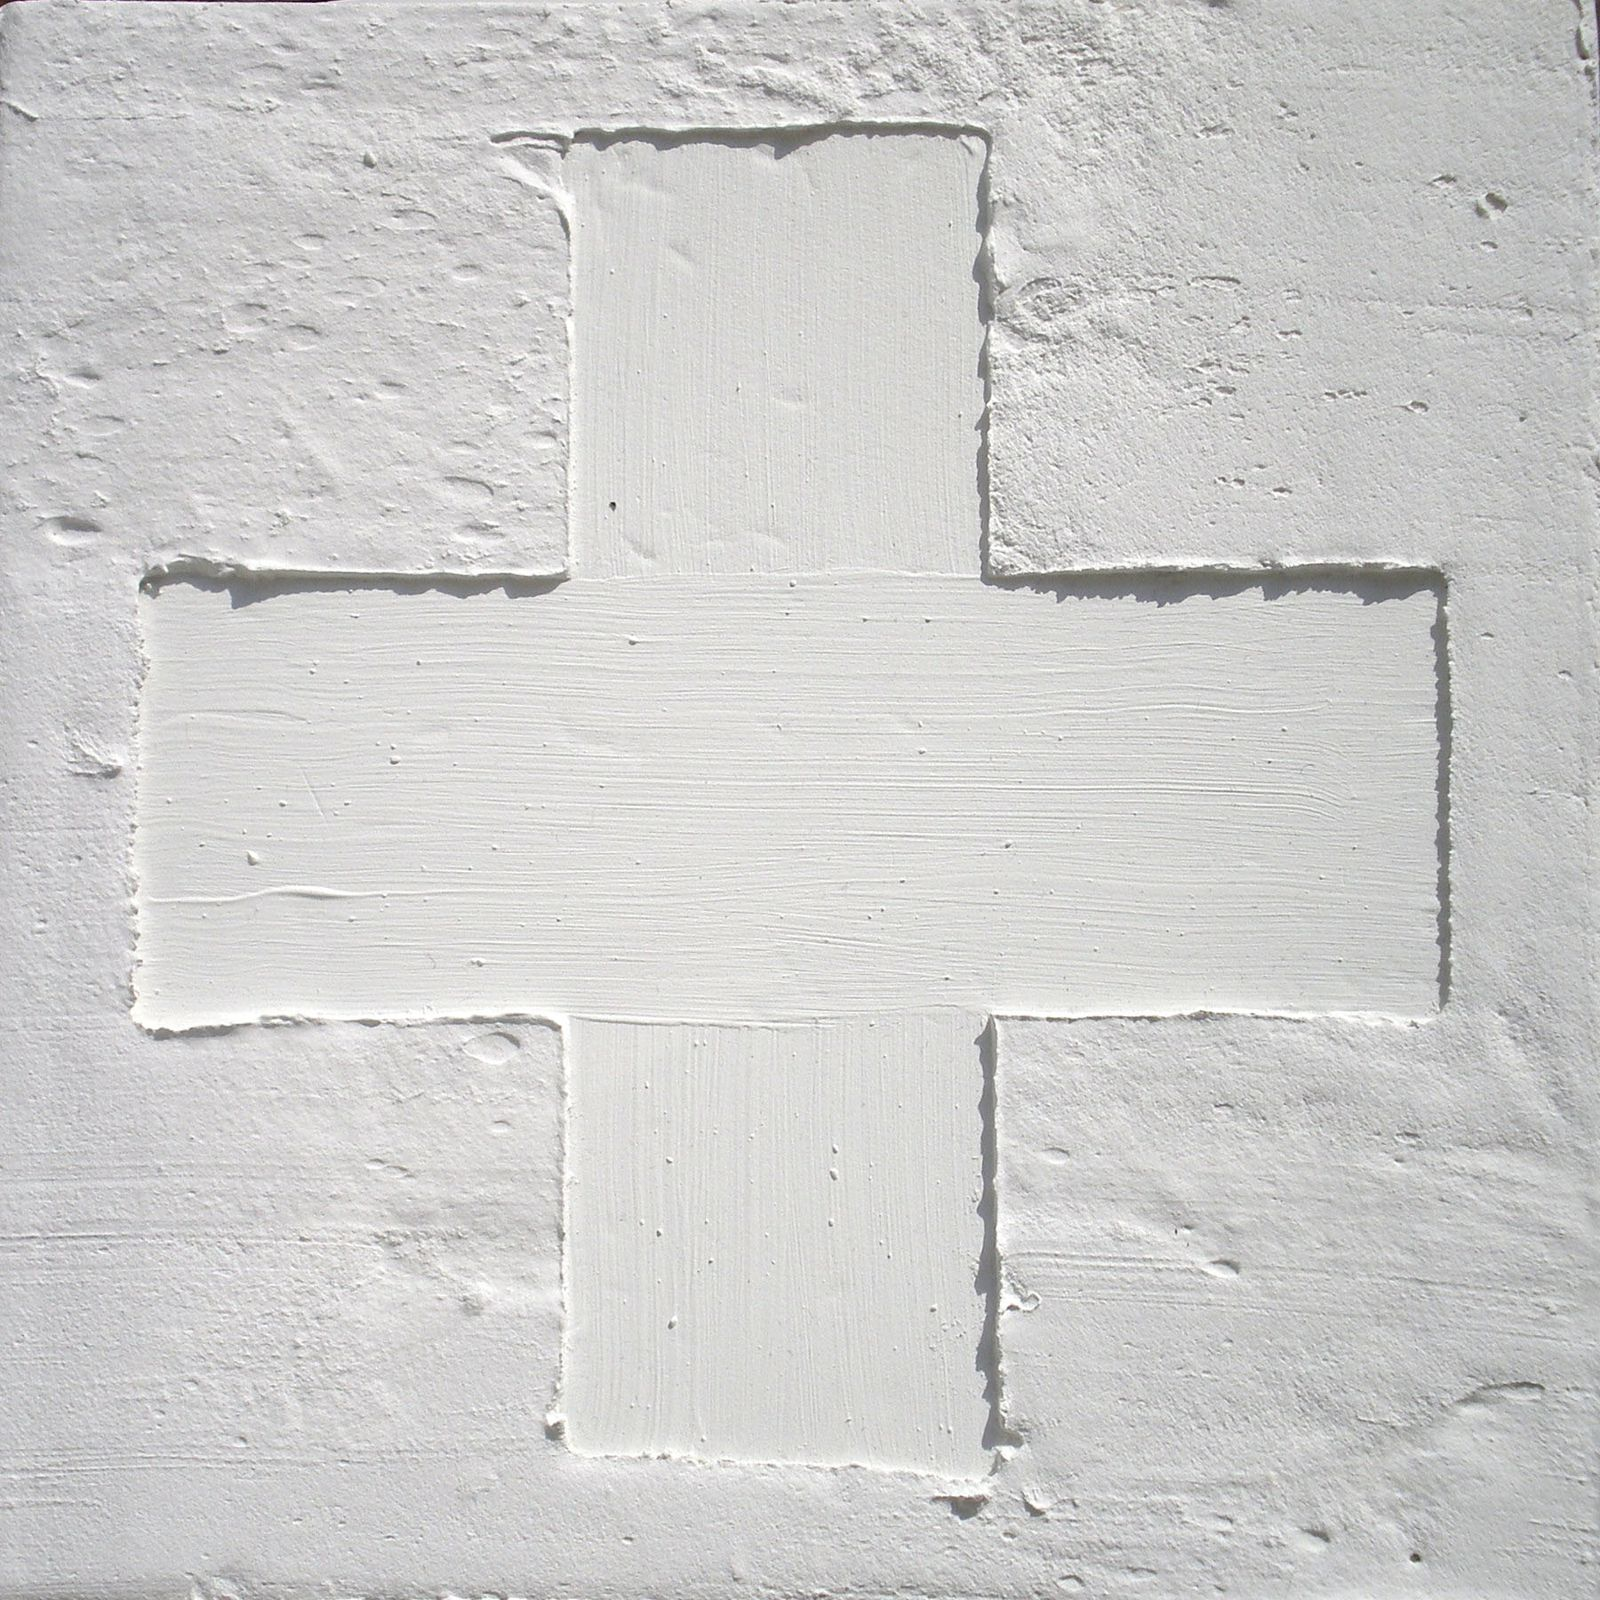 """Série """"Horizons verticaux, Intersections"""" © Mā Thévenin 2010 - Dim 25x25cm Technique mixte"""